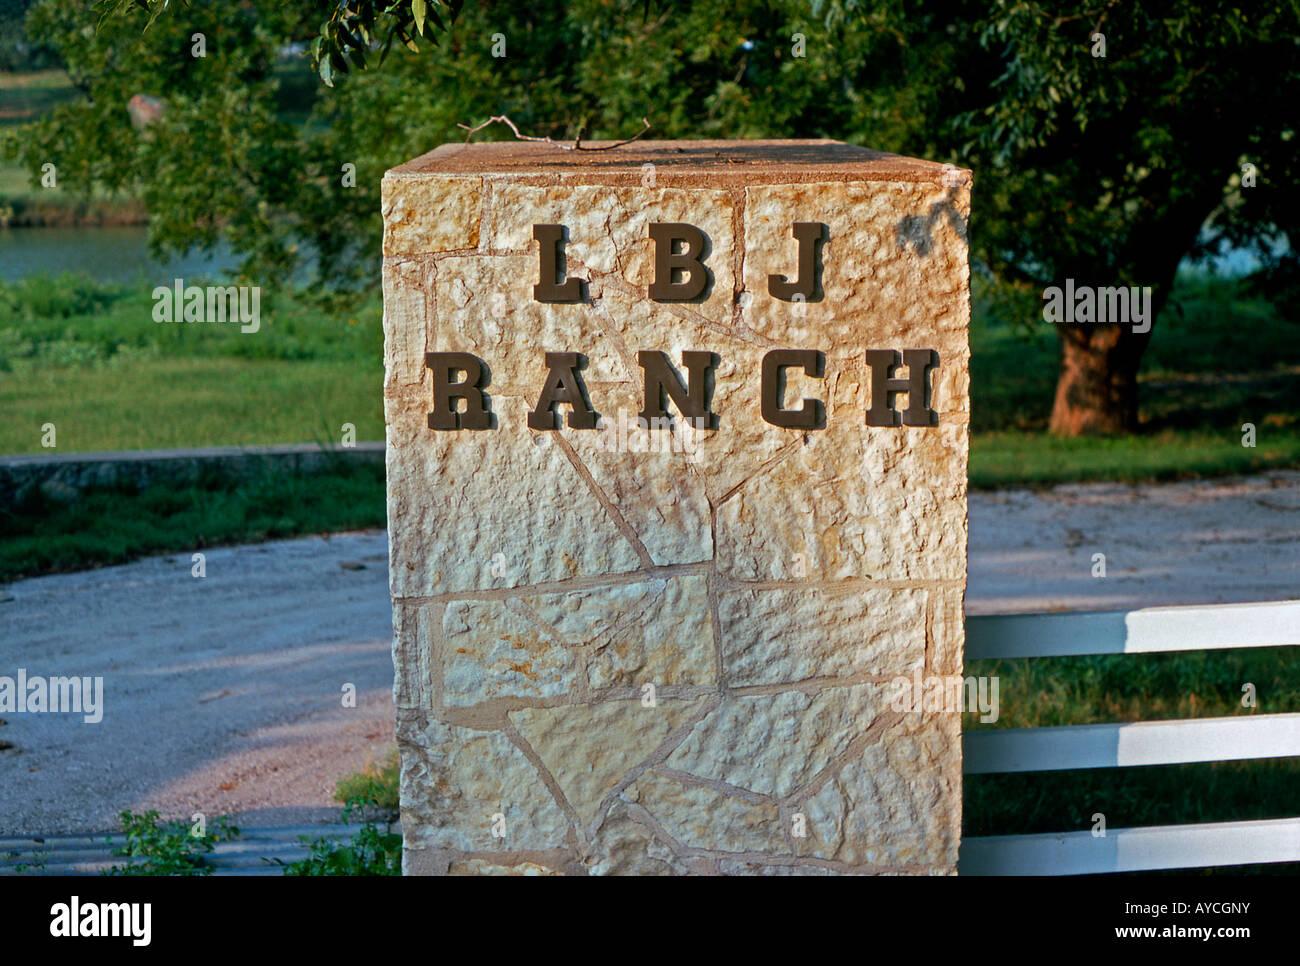 Entrance sign, LBJ Ranch, Stonewall, Texas, USA Stock Photo